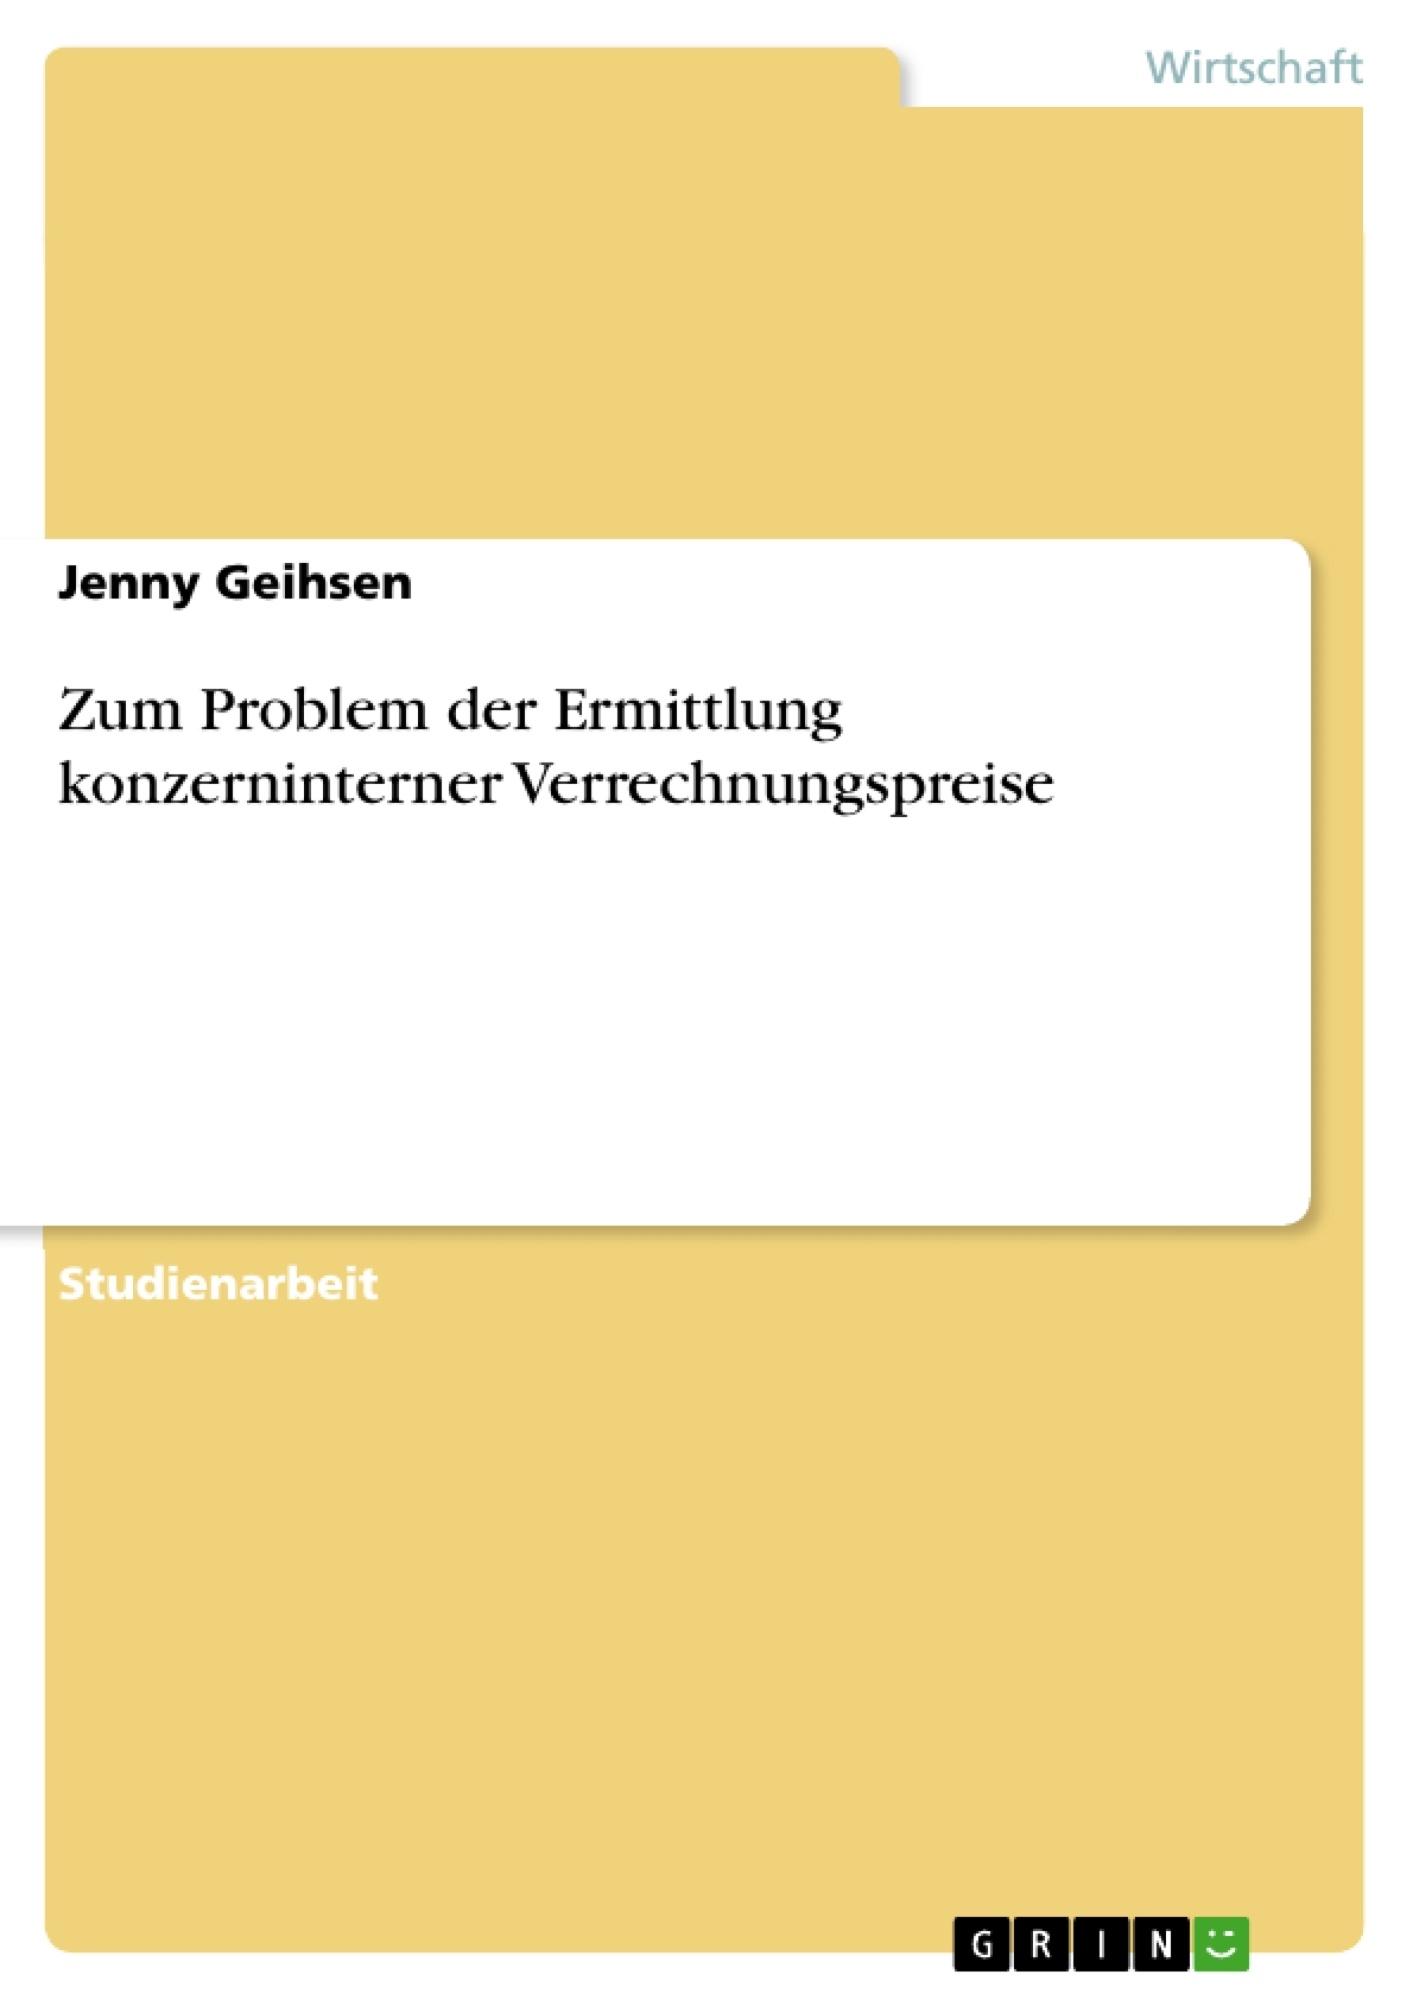 Titel: Zum Problem der Ermittlung konzerninterner Verrechnungspreise